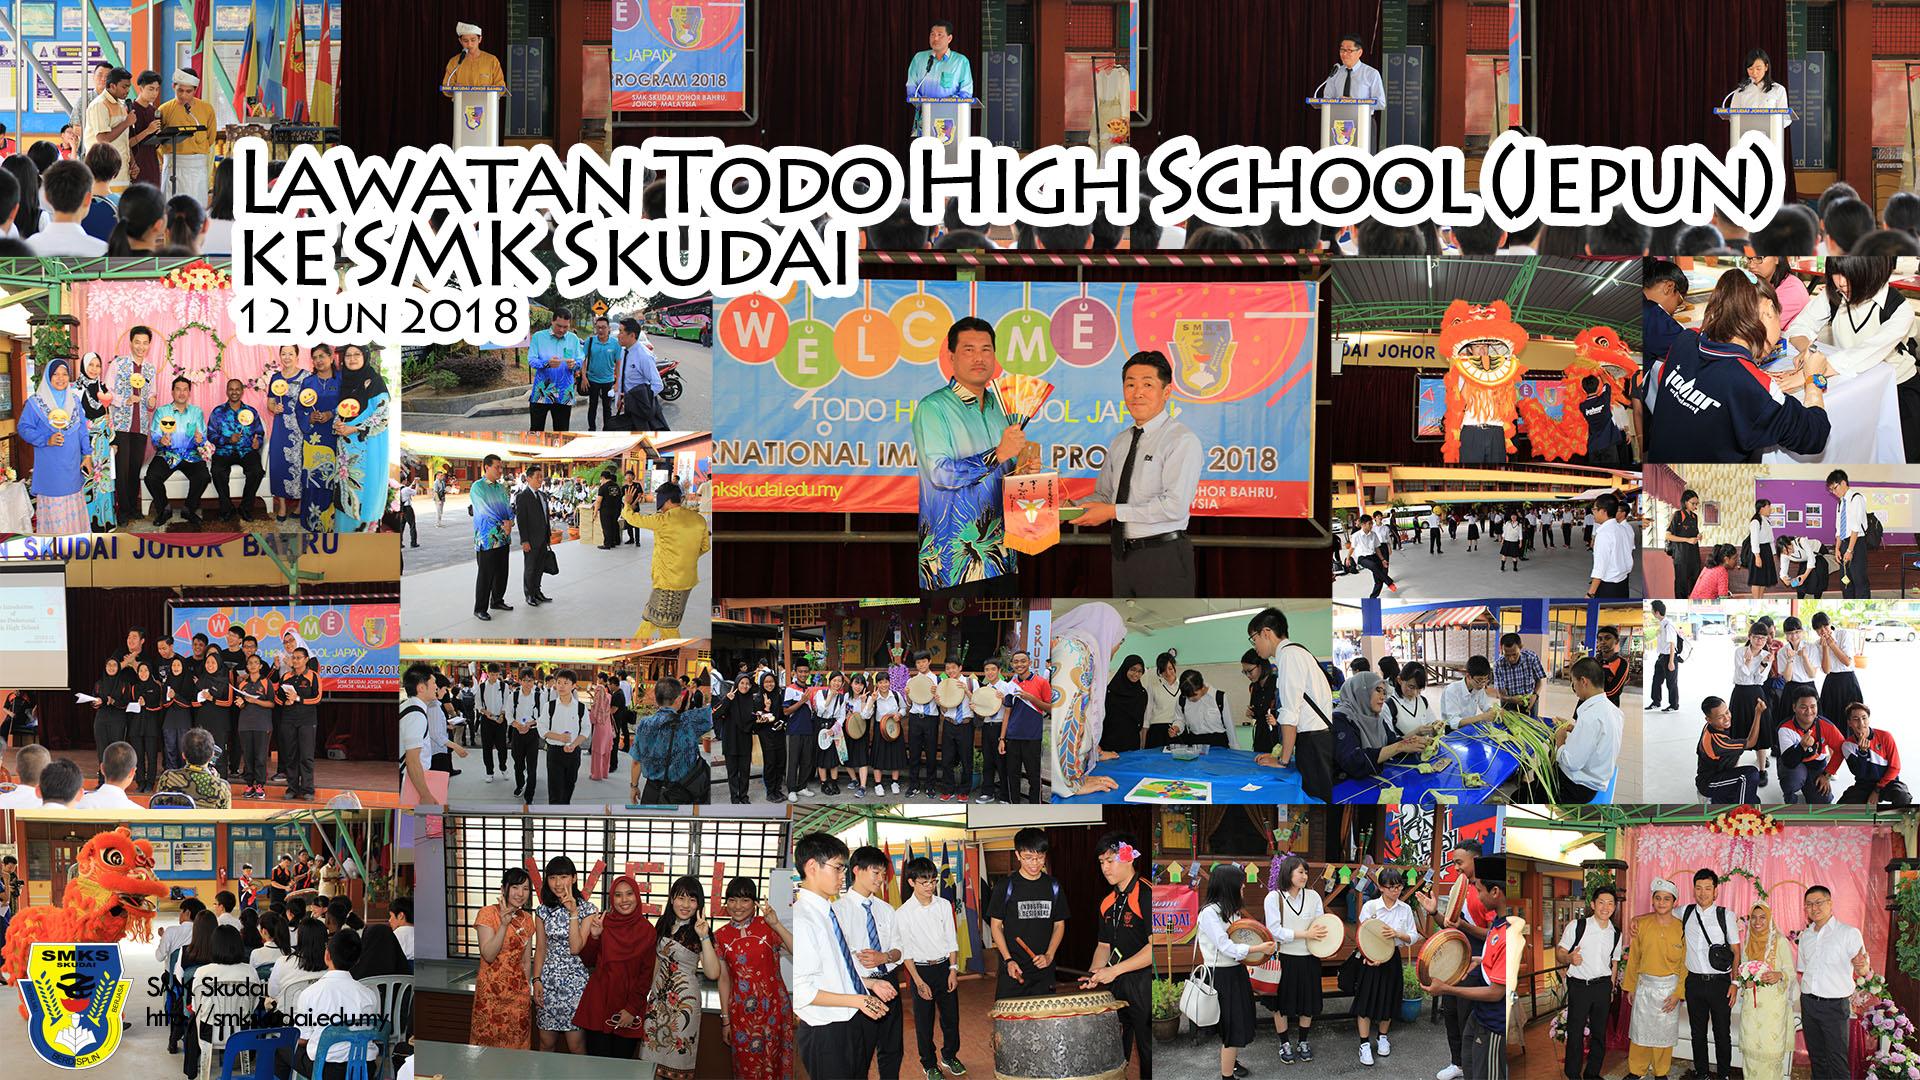 Lawatan Todo High School (Jepun) ke SMK Skudai